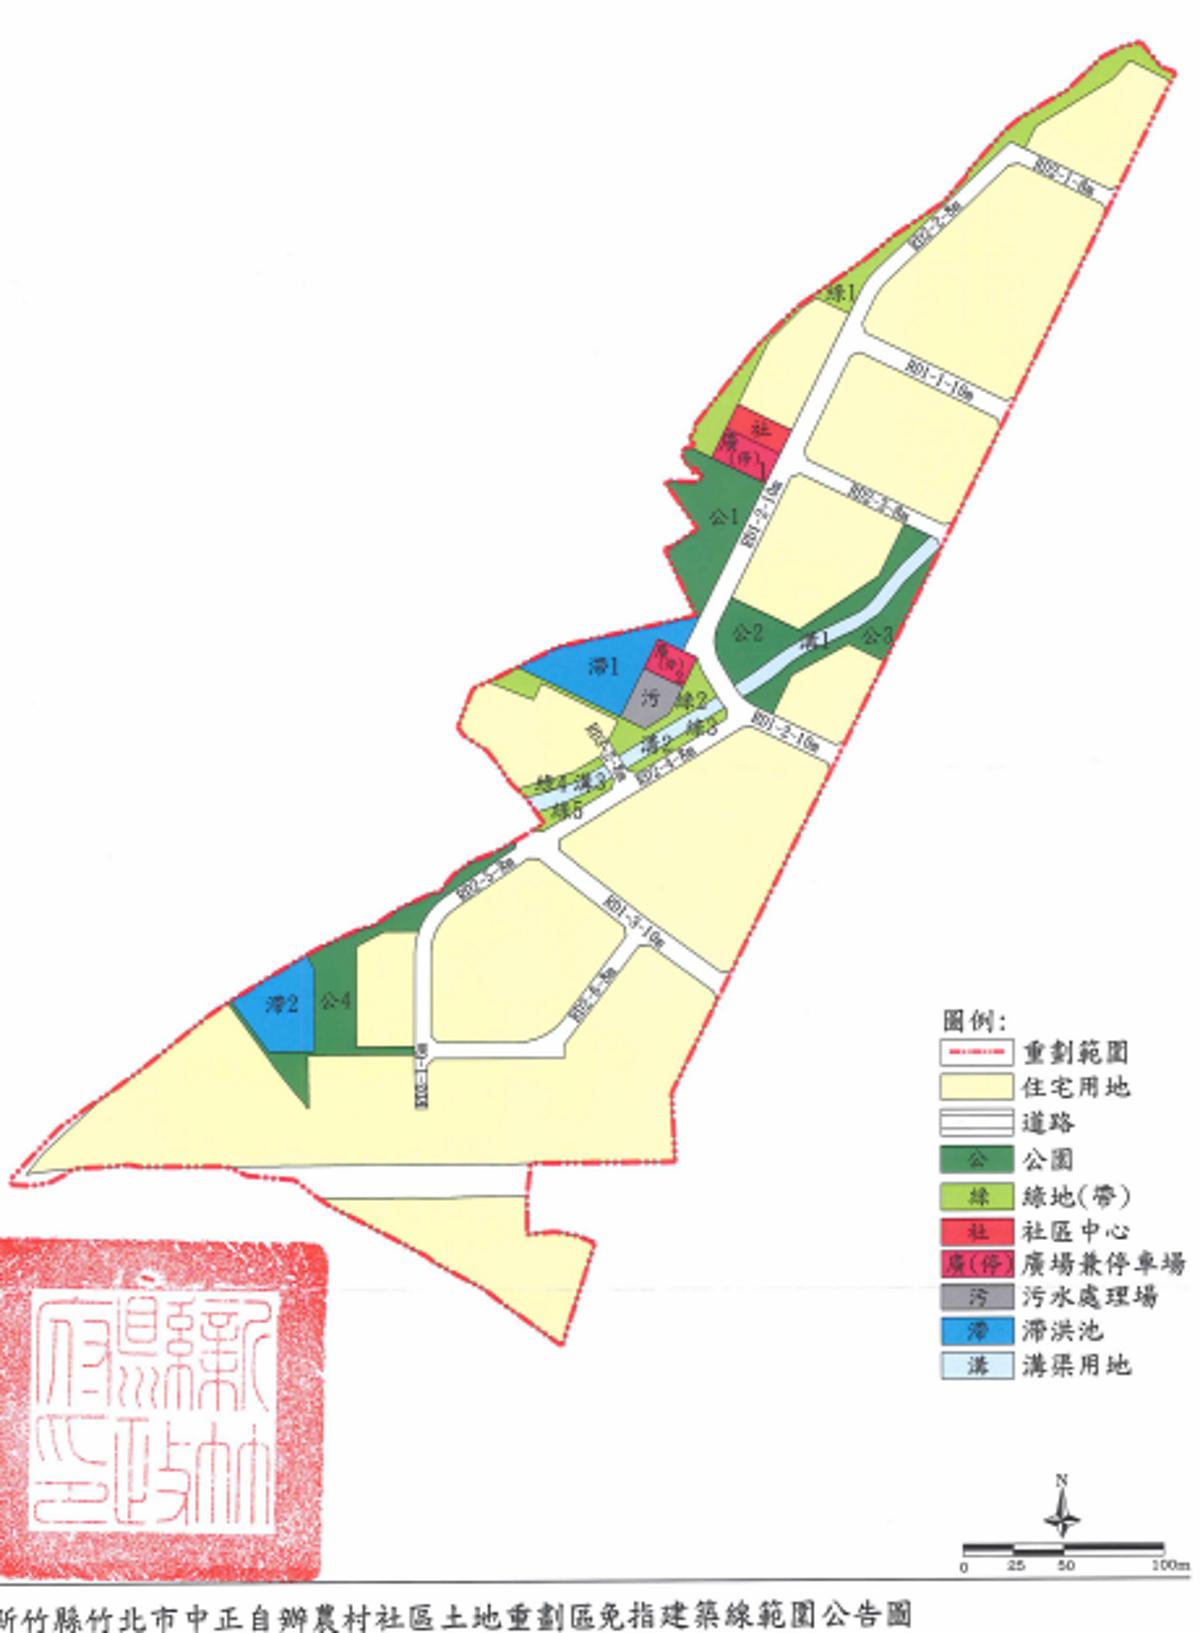 [田野踏查]竹北中正特區 20170522-02.png